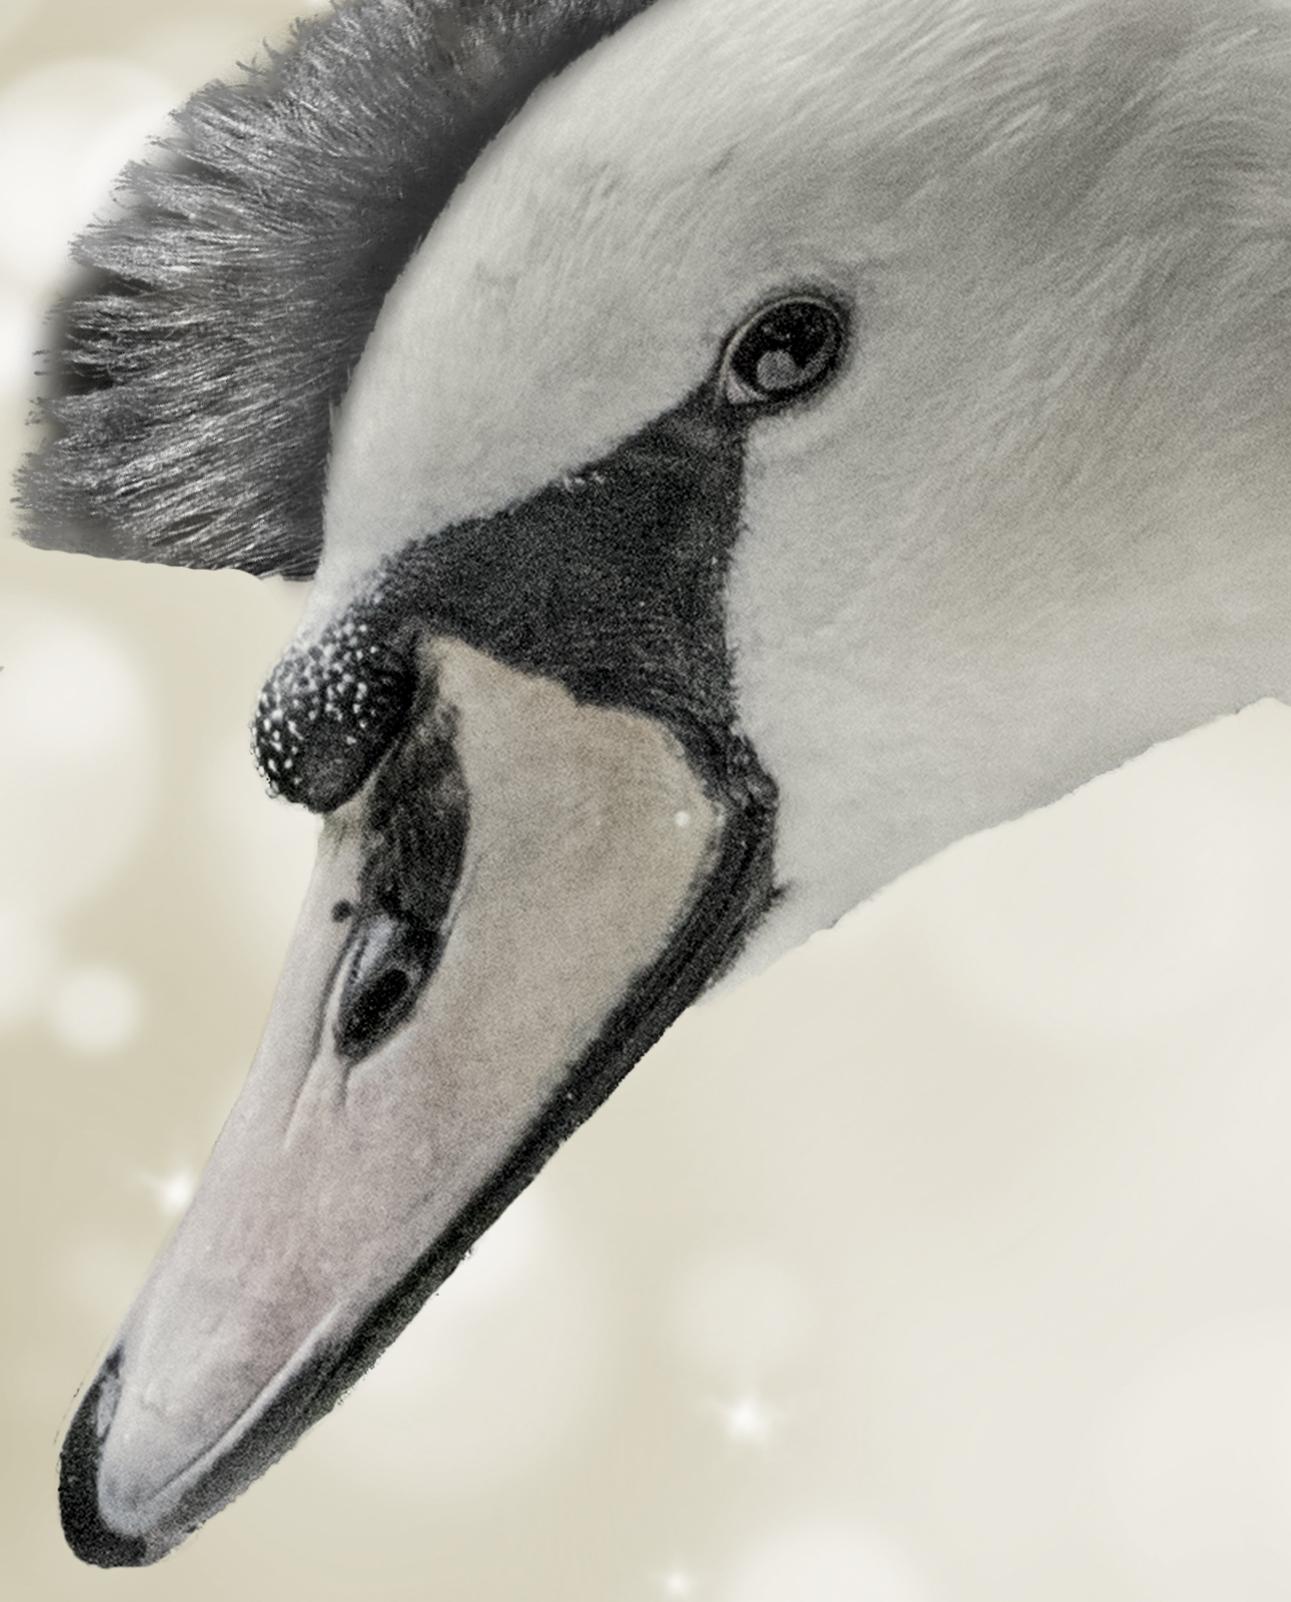 Malevolent swan